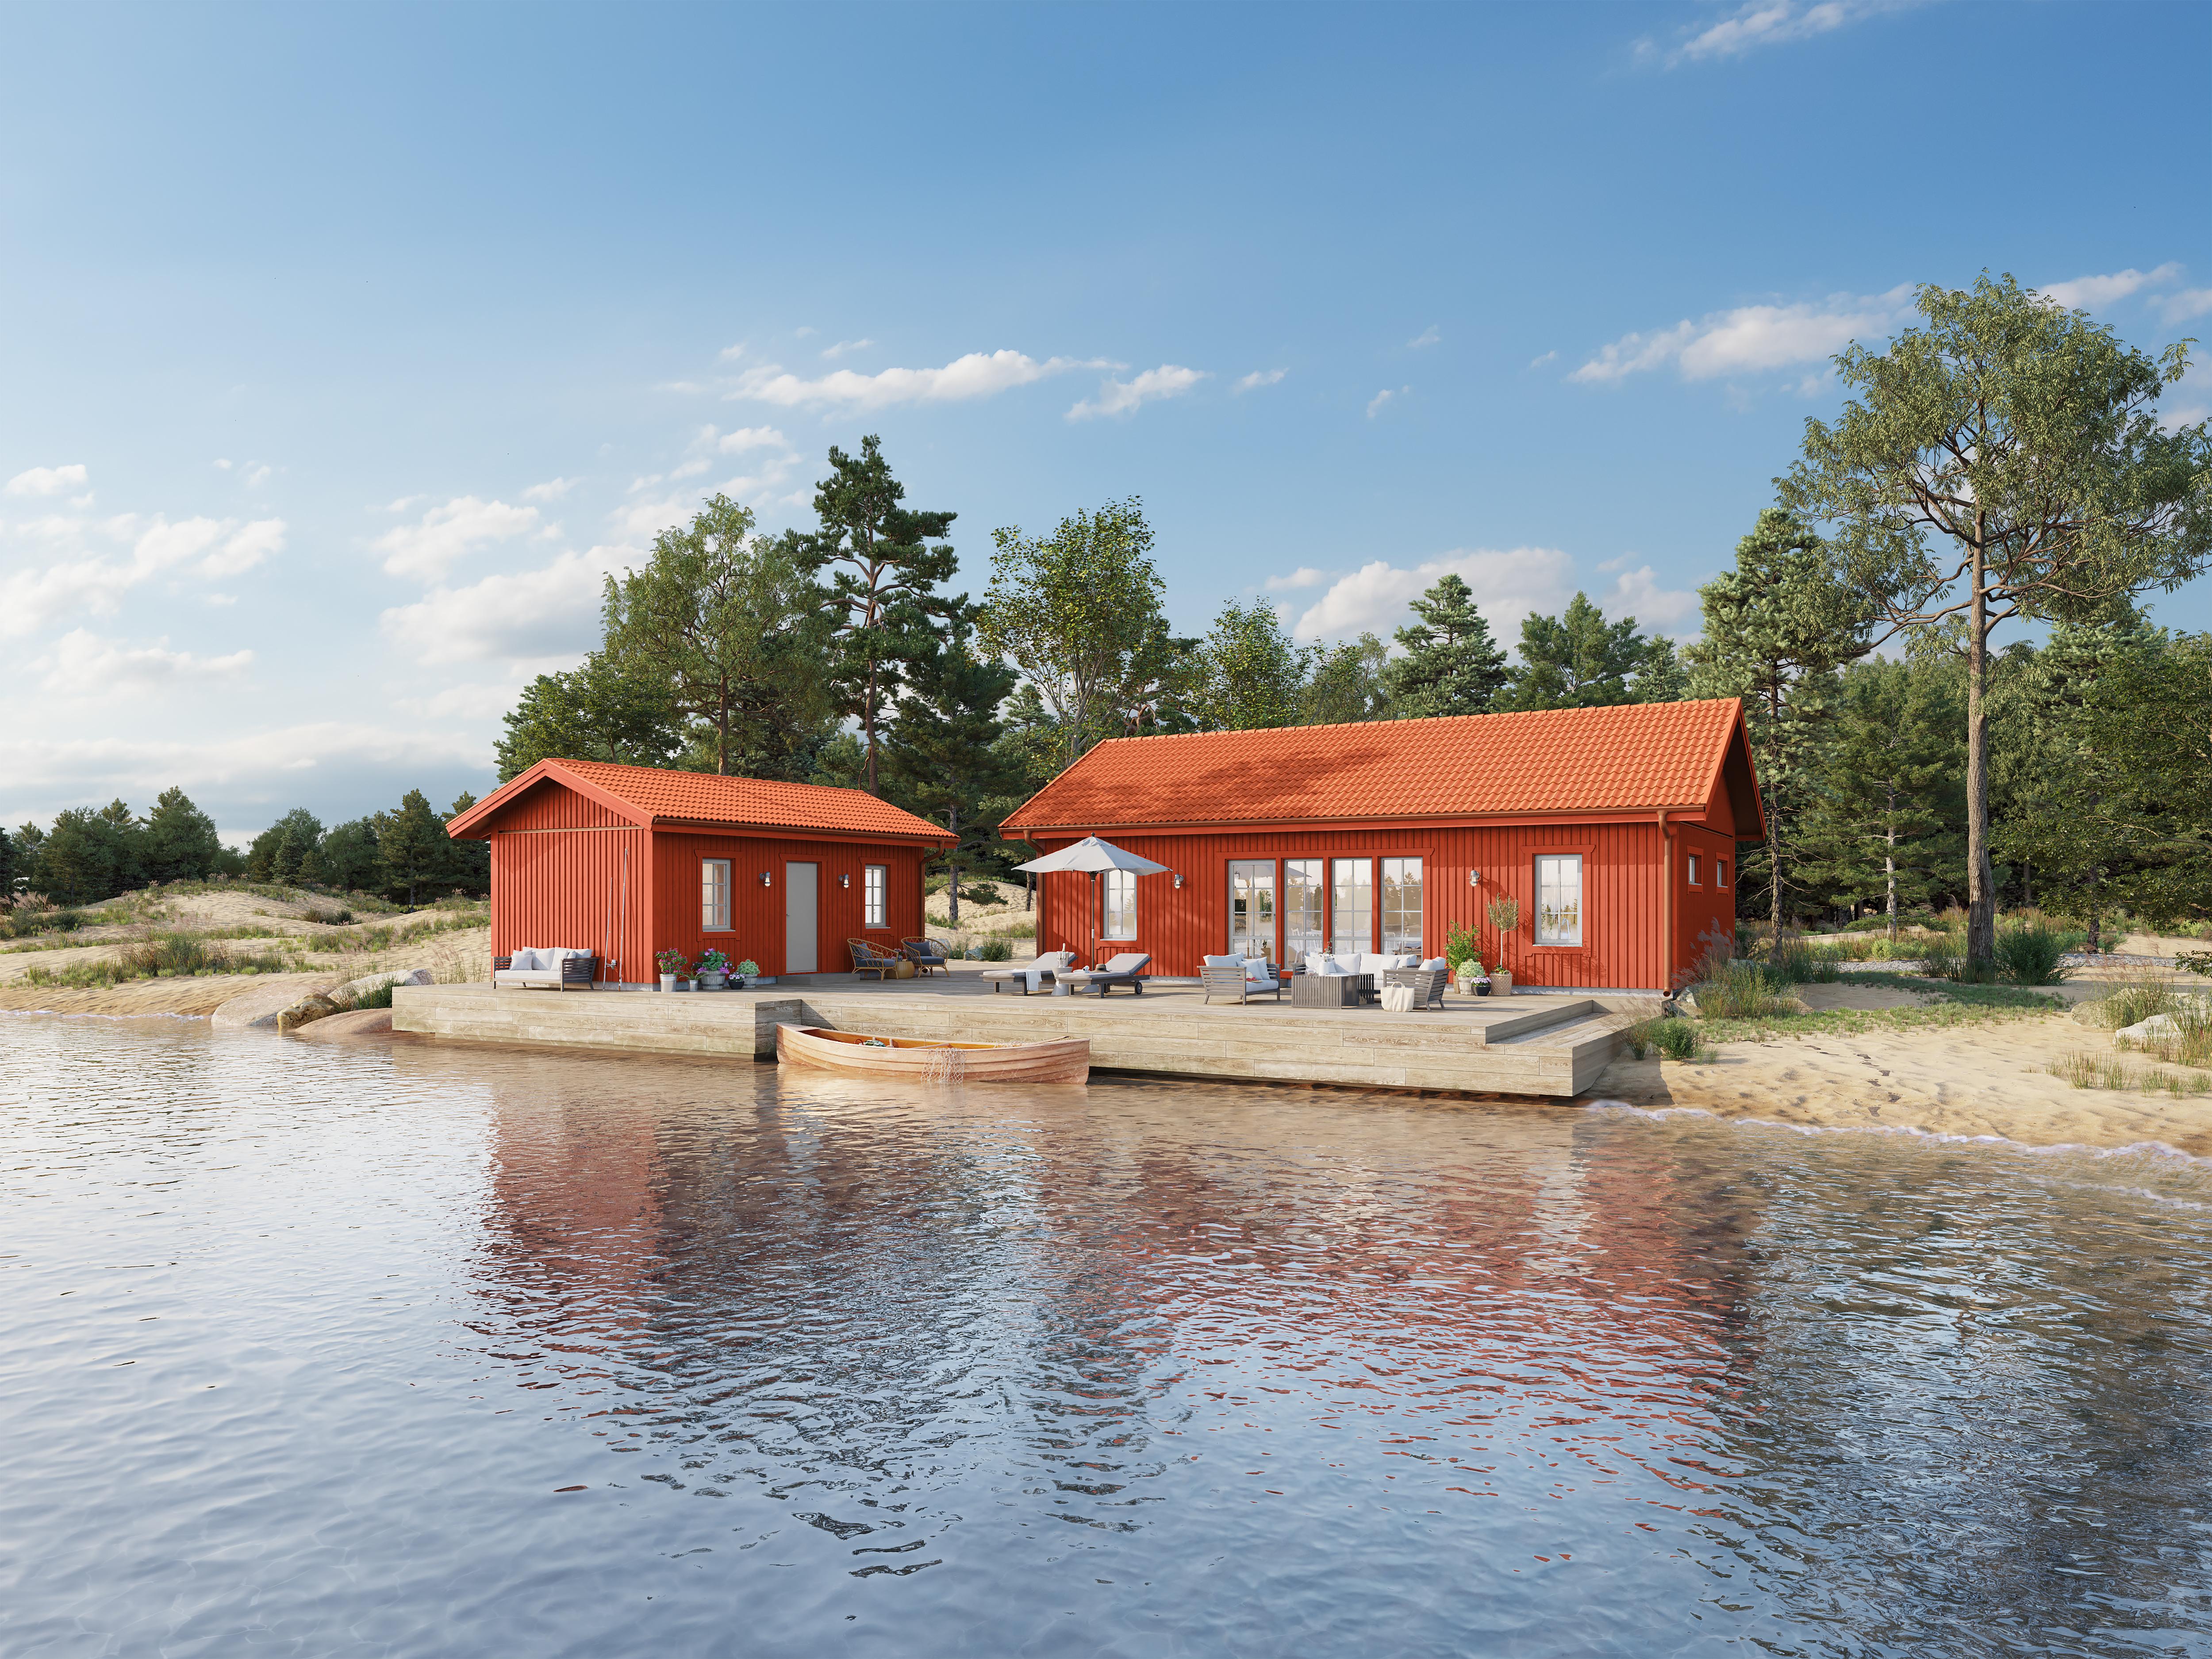 Götenehus fritidshus Stråken 69,9 kvm, kompletterat med ett annex.